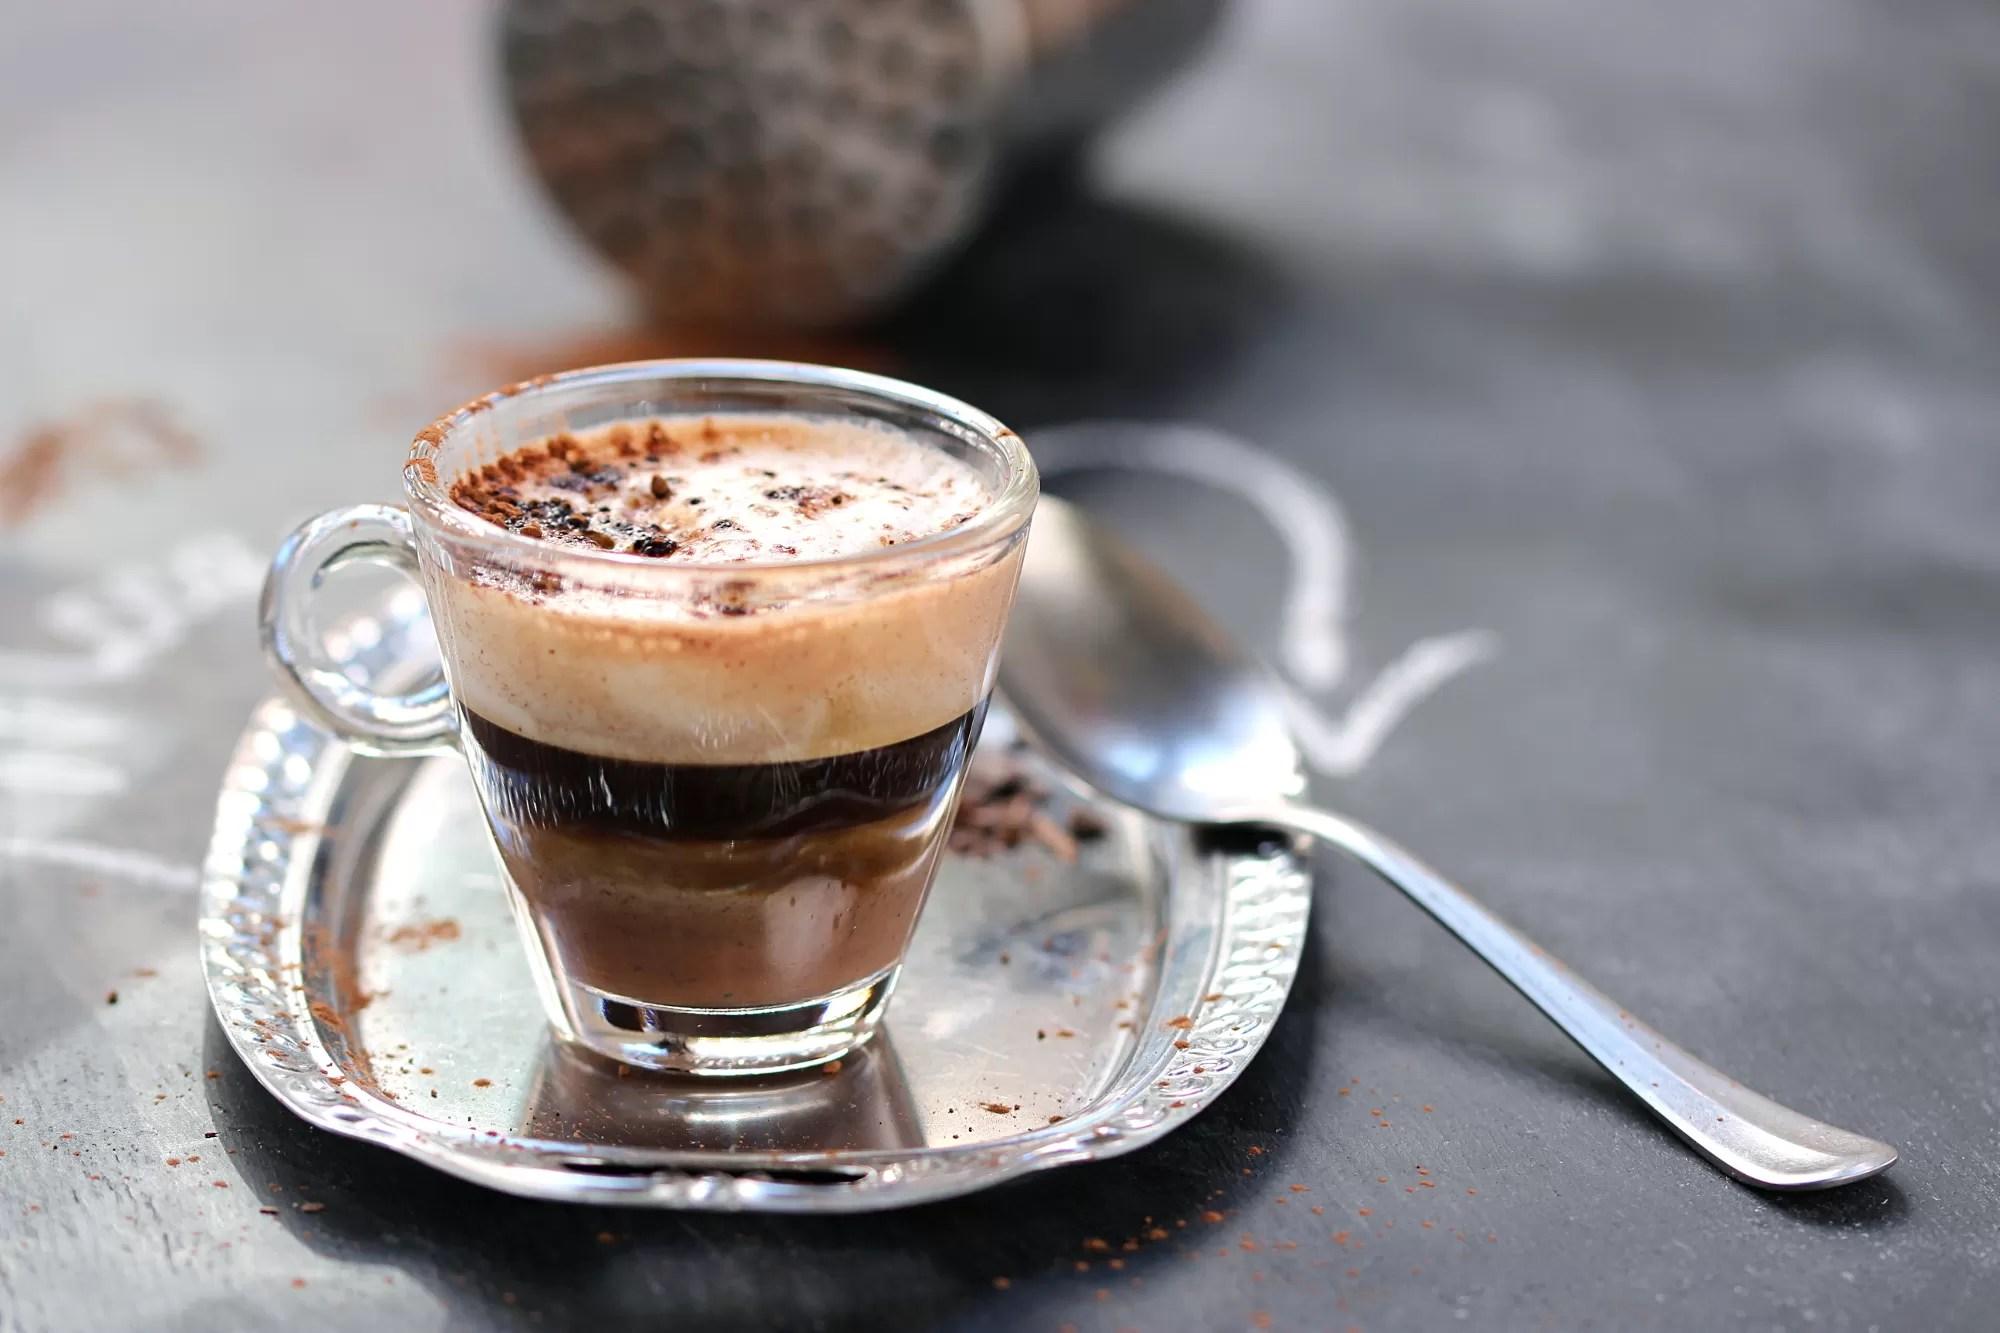 mocaccino - gli effetti di caffè e cioccolato sulla concentrazione